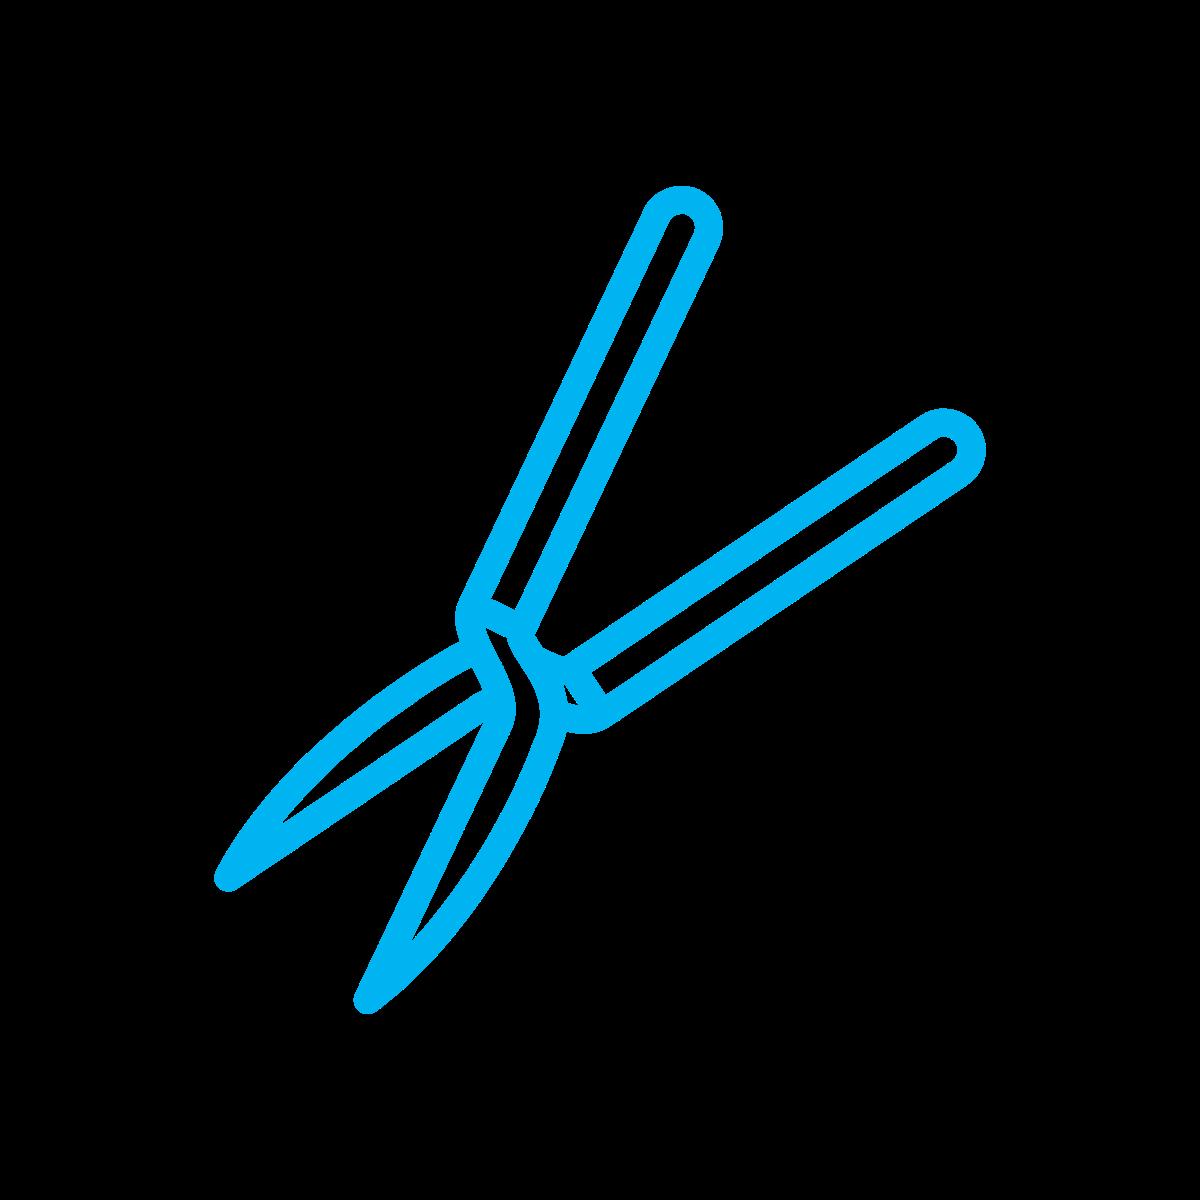 icon-lawn